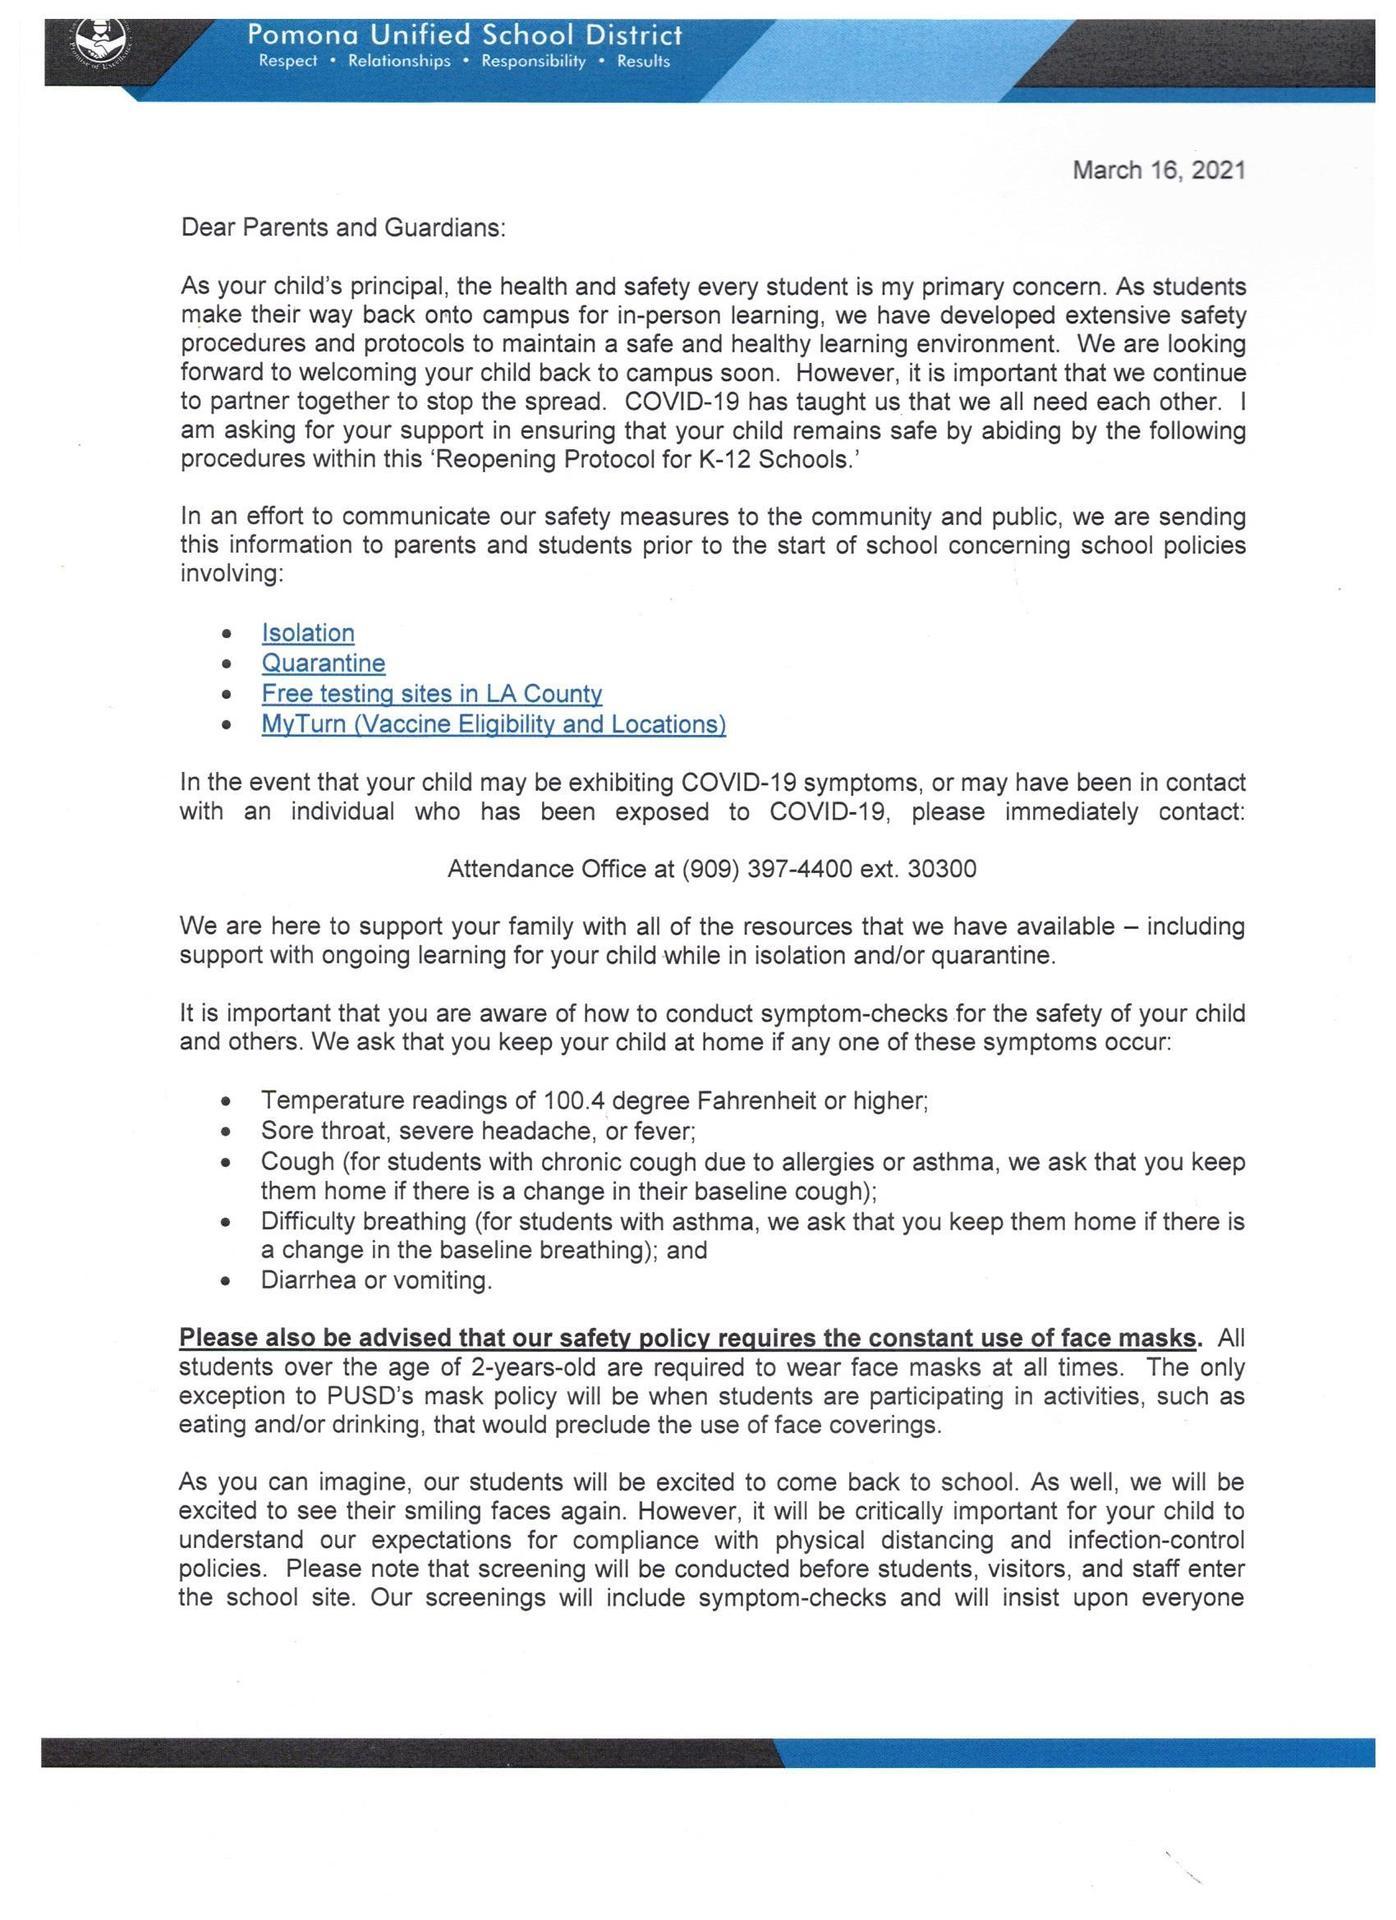 Letter image pg 1